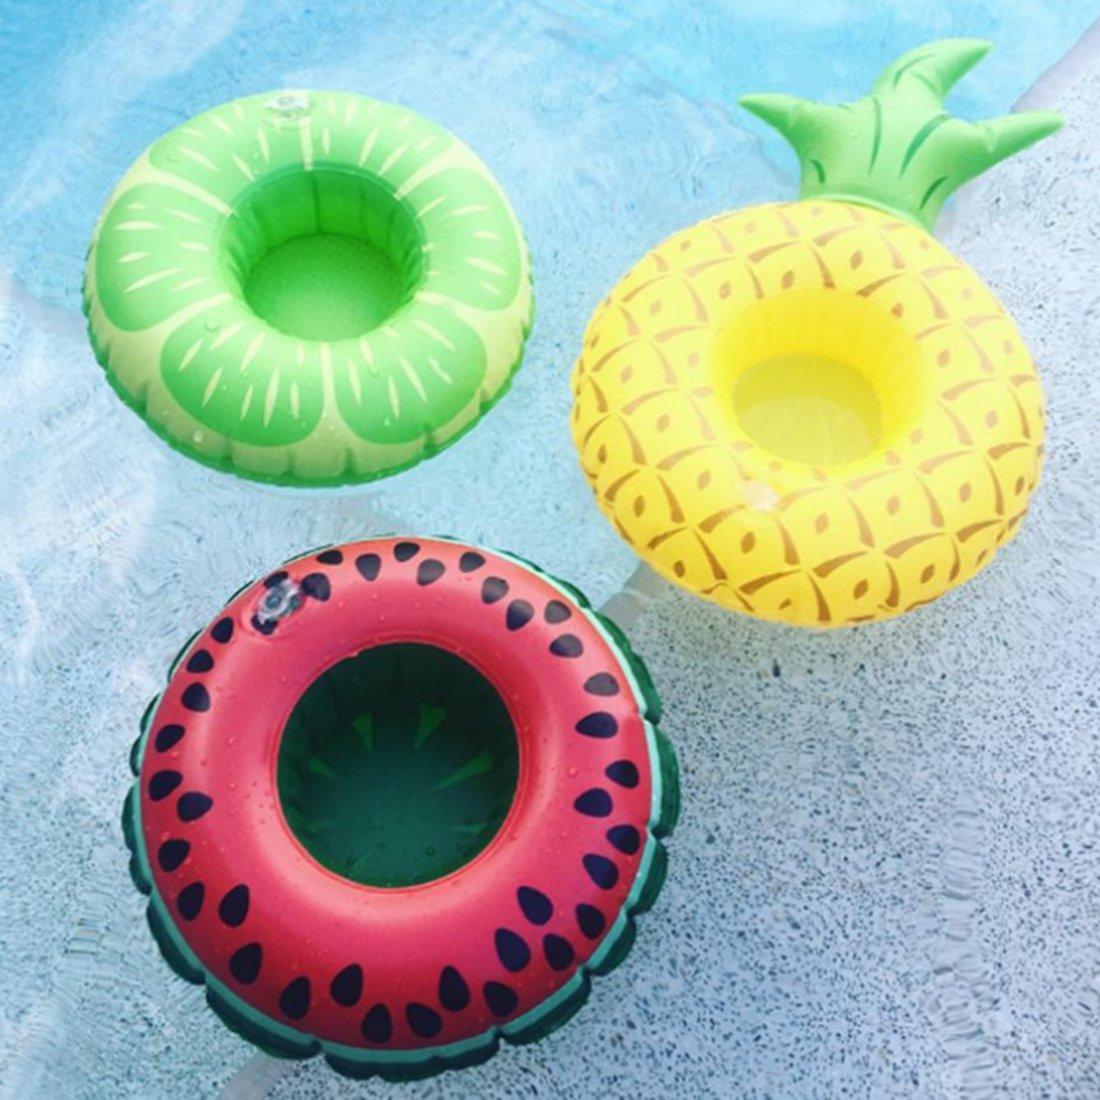 Compra 3pcs hinchable fruta de forma de cuencos de soporte, lommer ...